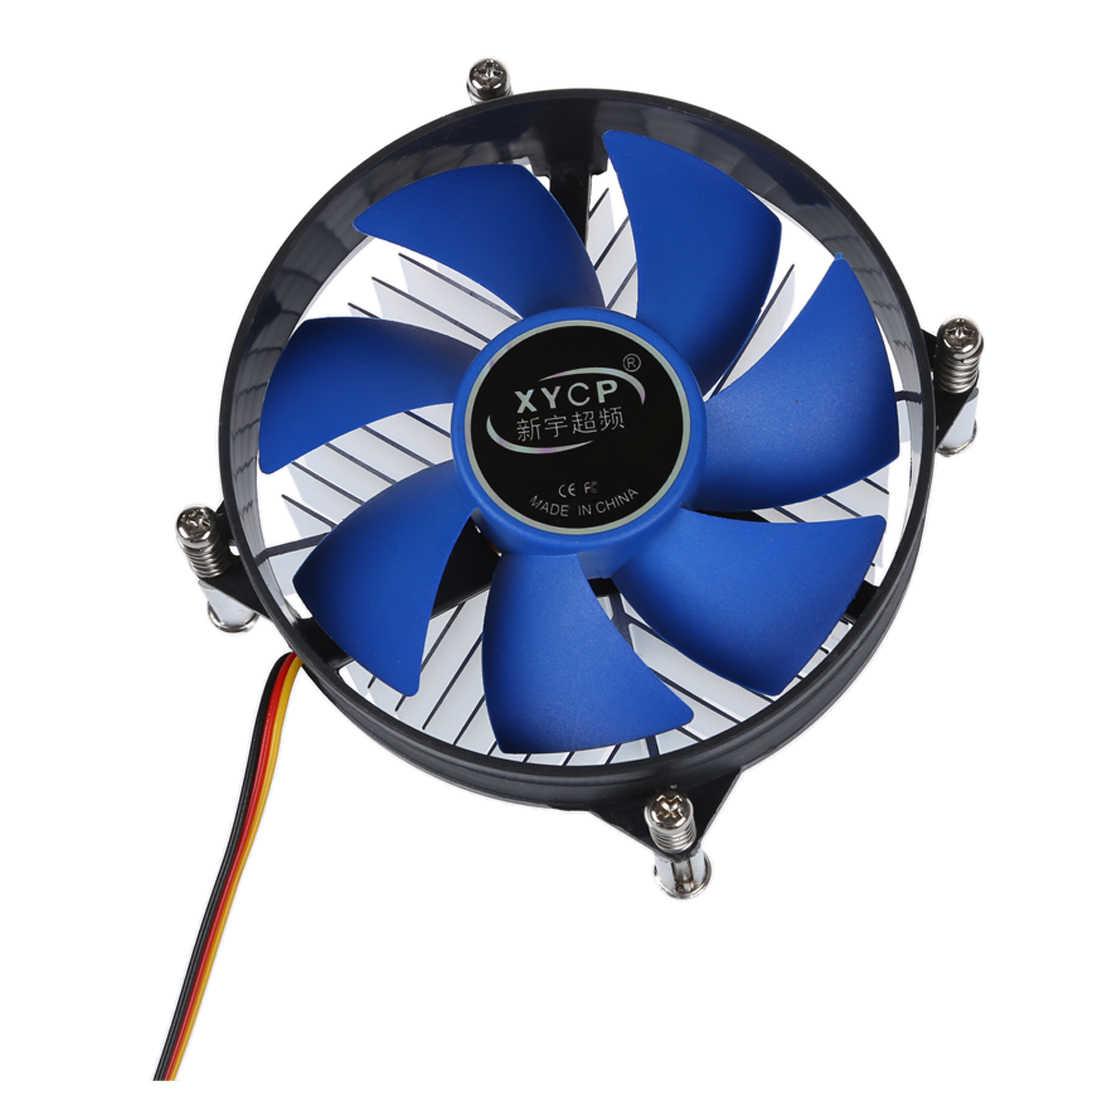 Hot TOD-XYCP Bộ Vi Xử Lý CPU Cooler Tản Nhiệt cho 65 W Intel Socket LGA 1155/1156 Core i3/i5/i7 màu xanh